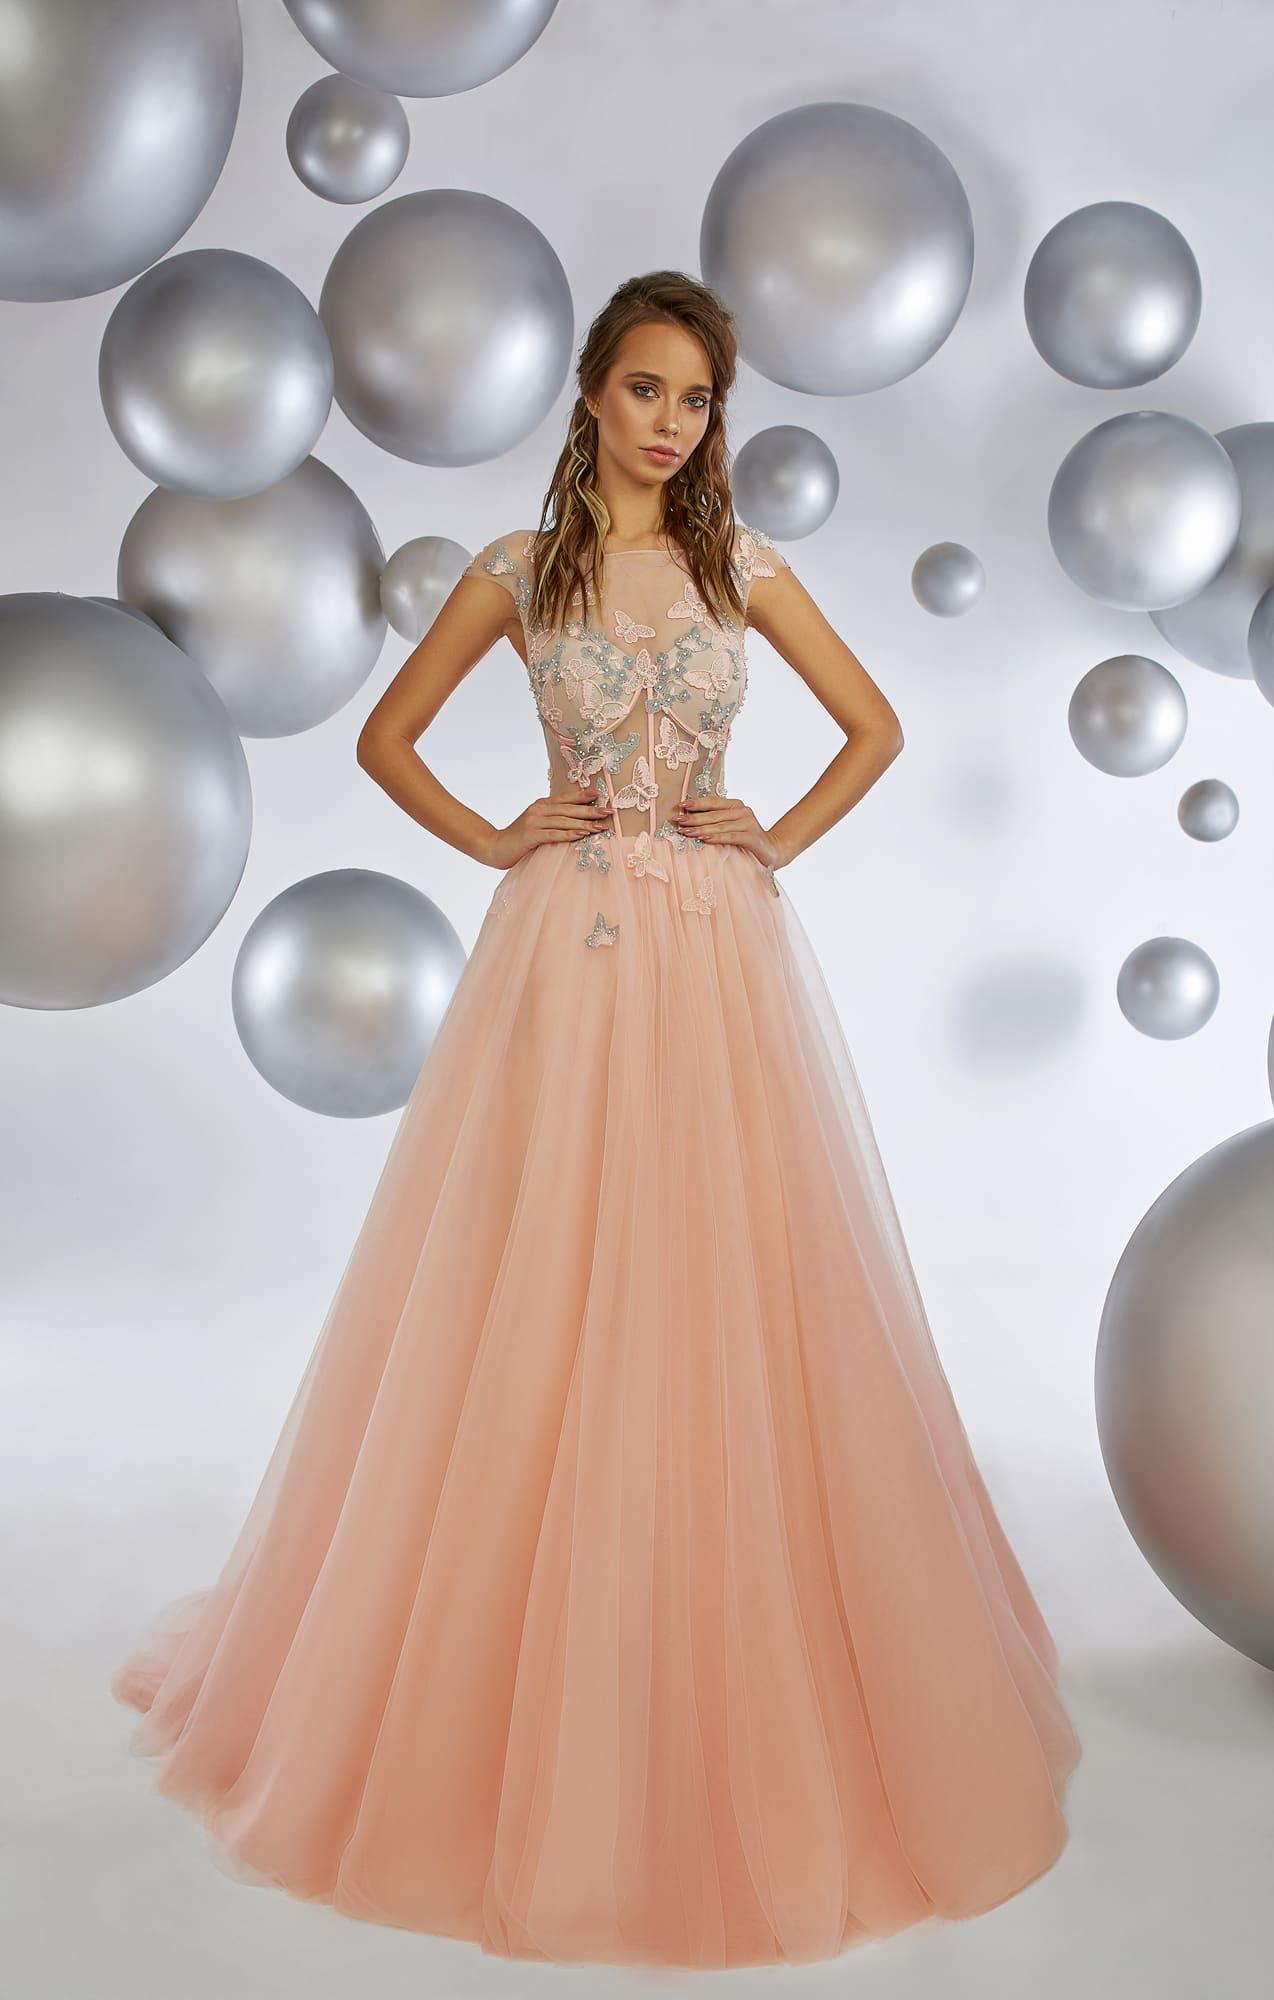 c83decf400aa8b2 Персиковое вечернее платье с воздушной юбкой и полупрозрачным верхом.